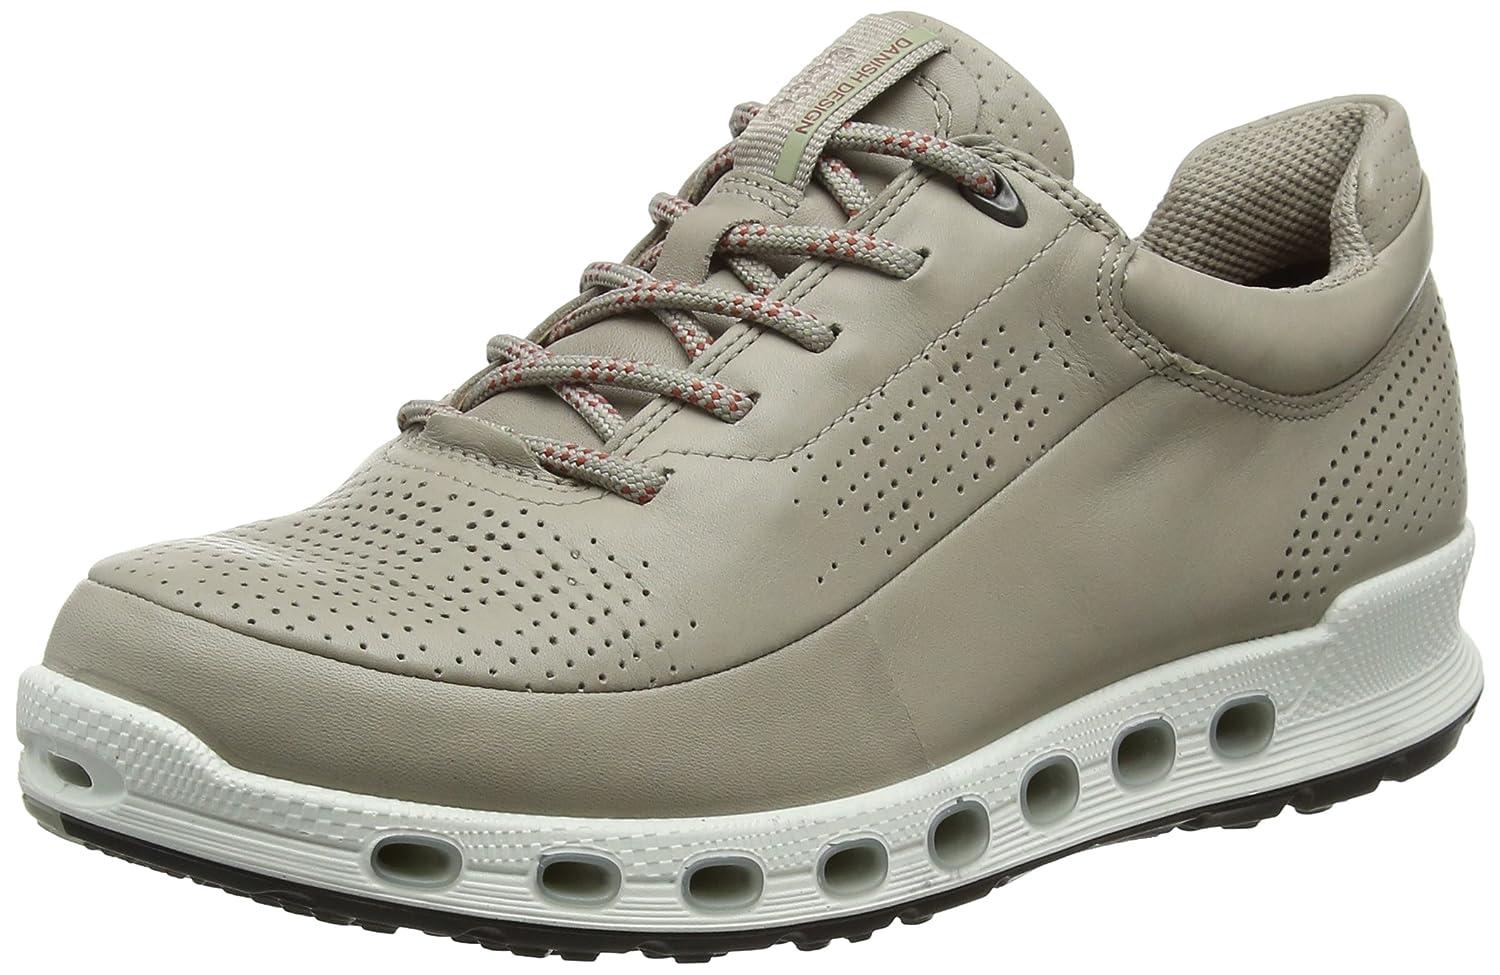 ECCO Women's Cool 2.0 Gore-Tex Sneaker B07713WWX6 37 M EU (6-6.5 US)|Moon Rock